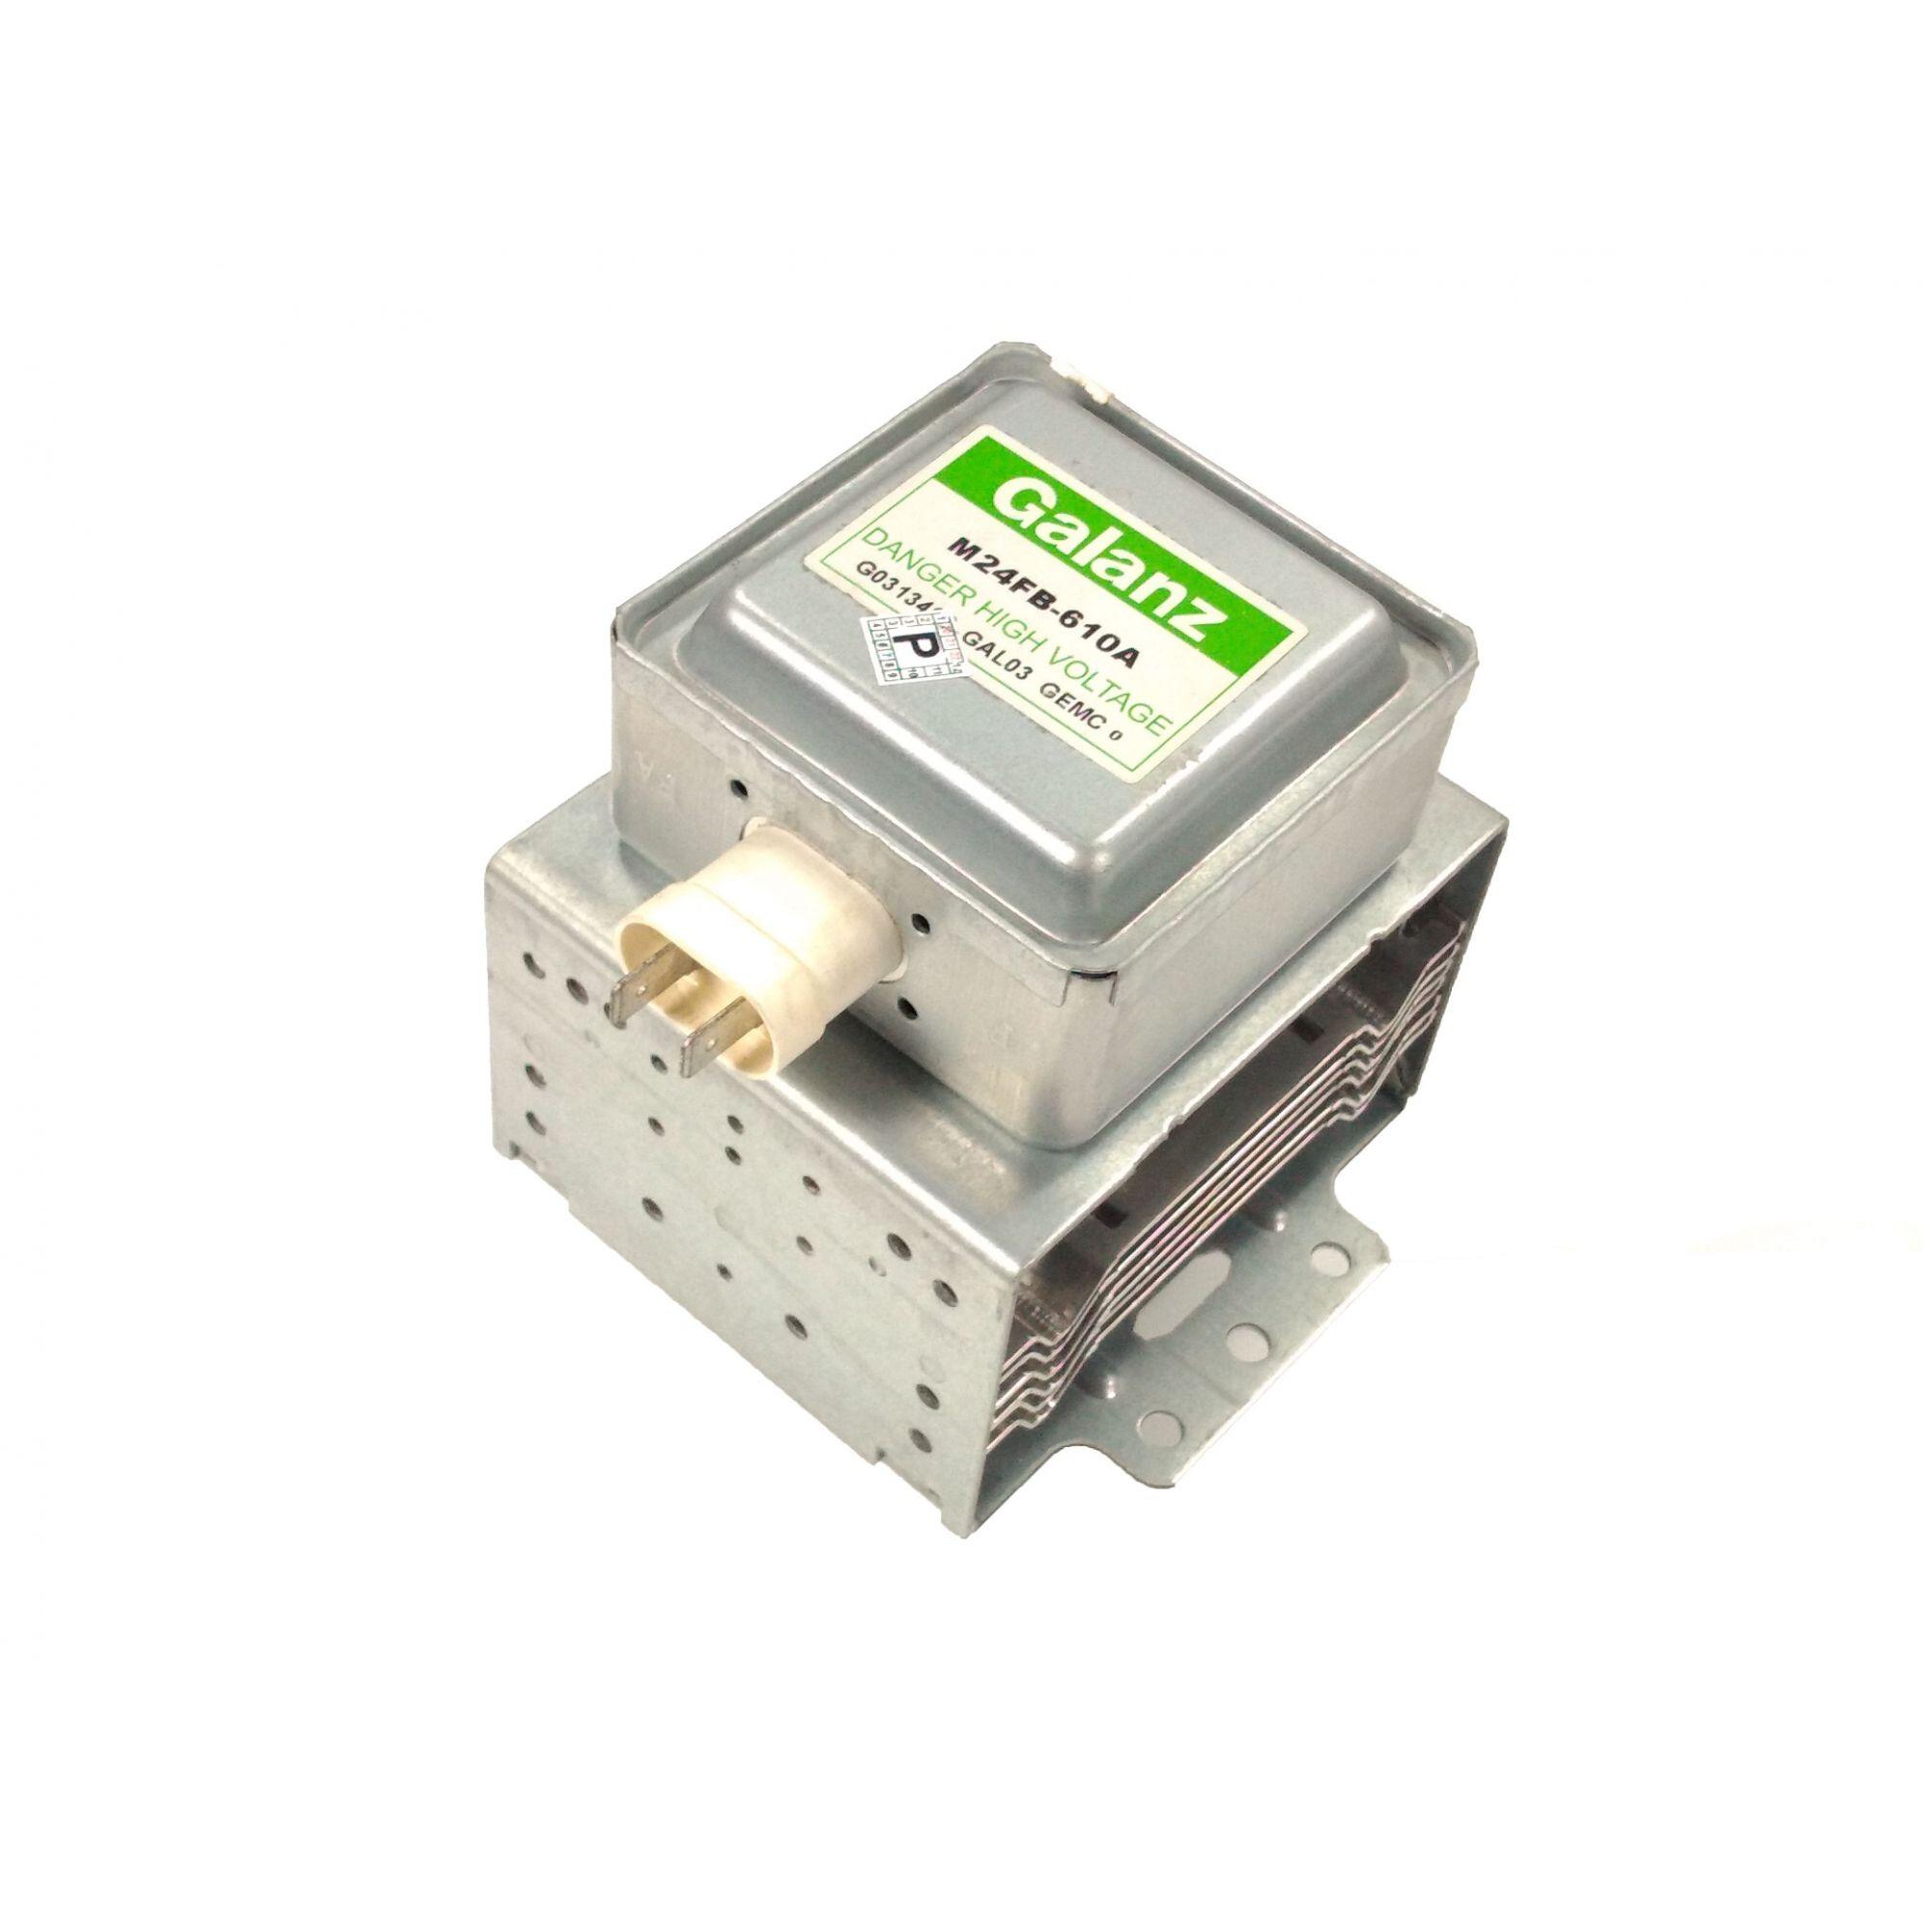 MAGNETRON MICROONDAS GALANZ M24FB-610A BM21L PME25 PME25BM PME28 PME31 PME31BM PMEG35 PMO25V